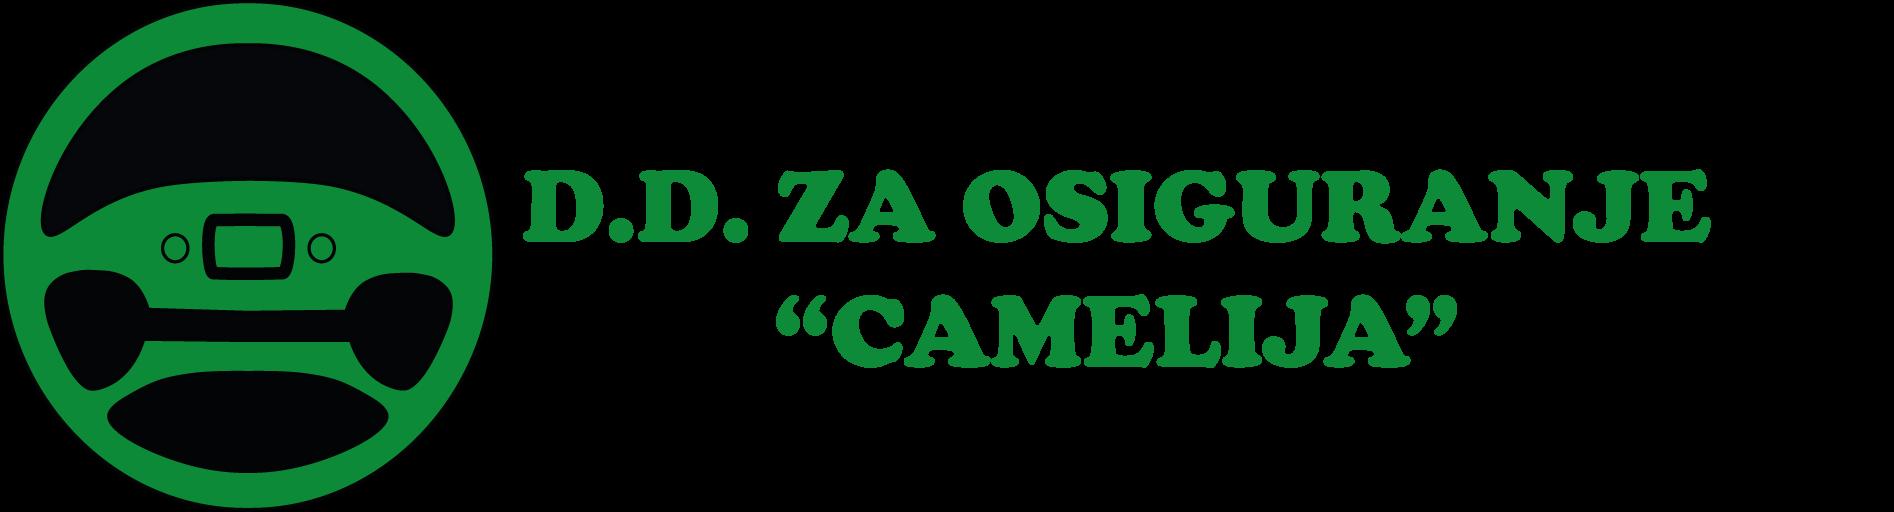 Camelija Osiguranje